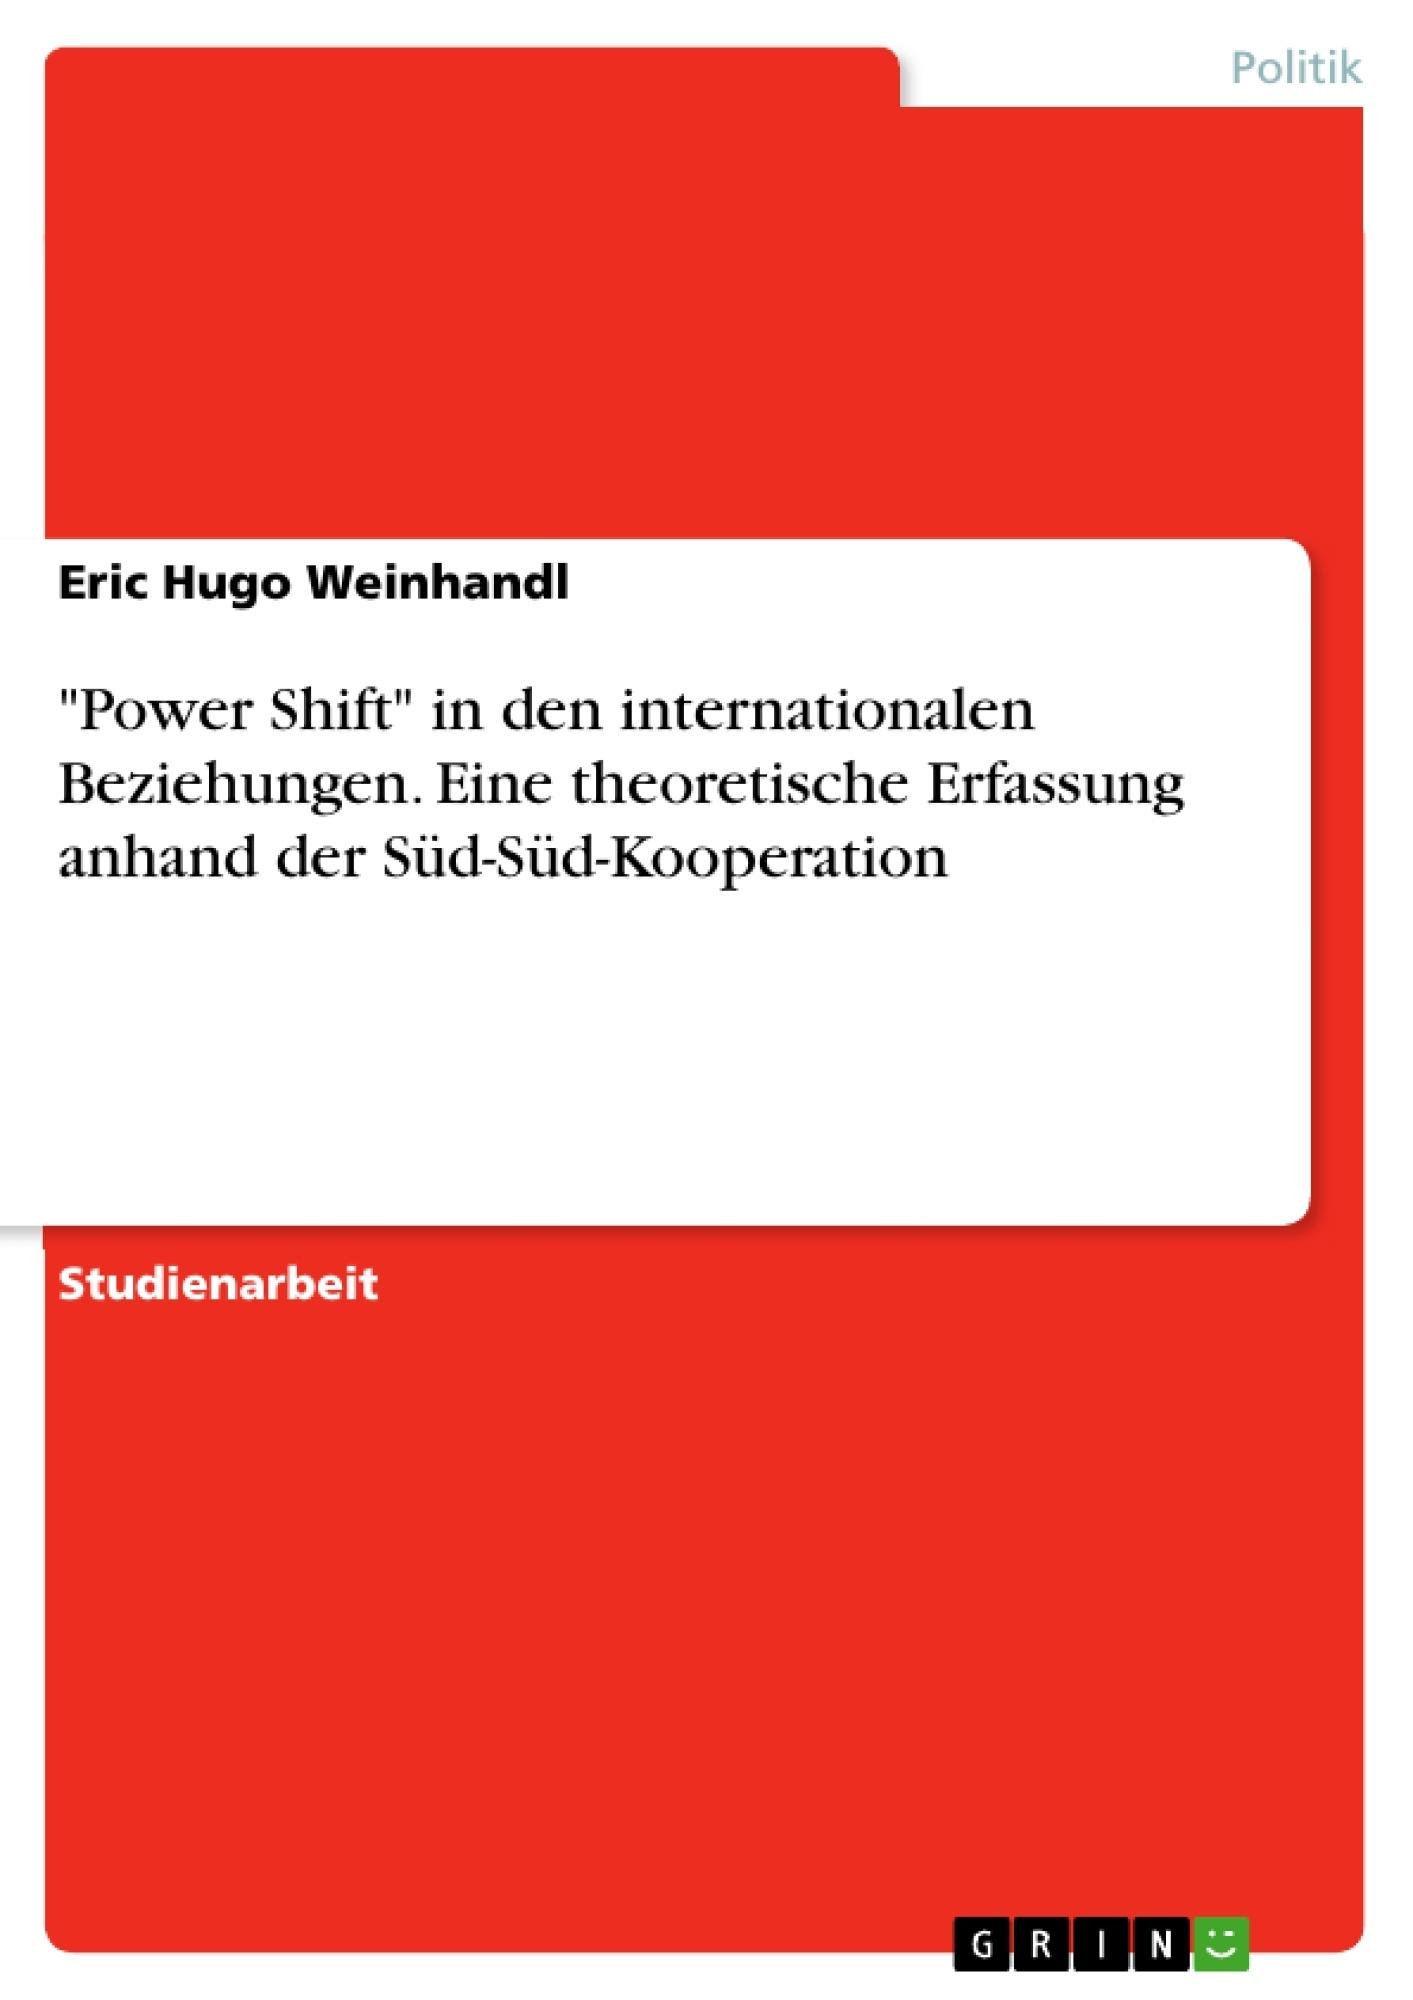 """Titel: """"Power Shift"""" in den internationalen Beziehungen. Eine theoretische Erfassung anhand der Süd-Süd-Kooperation"""